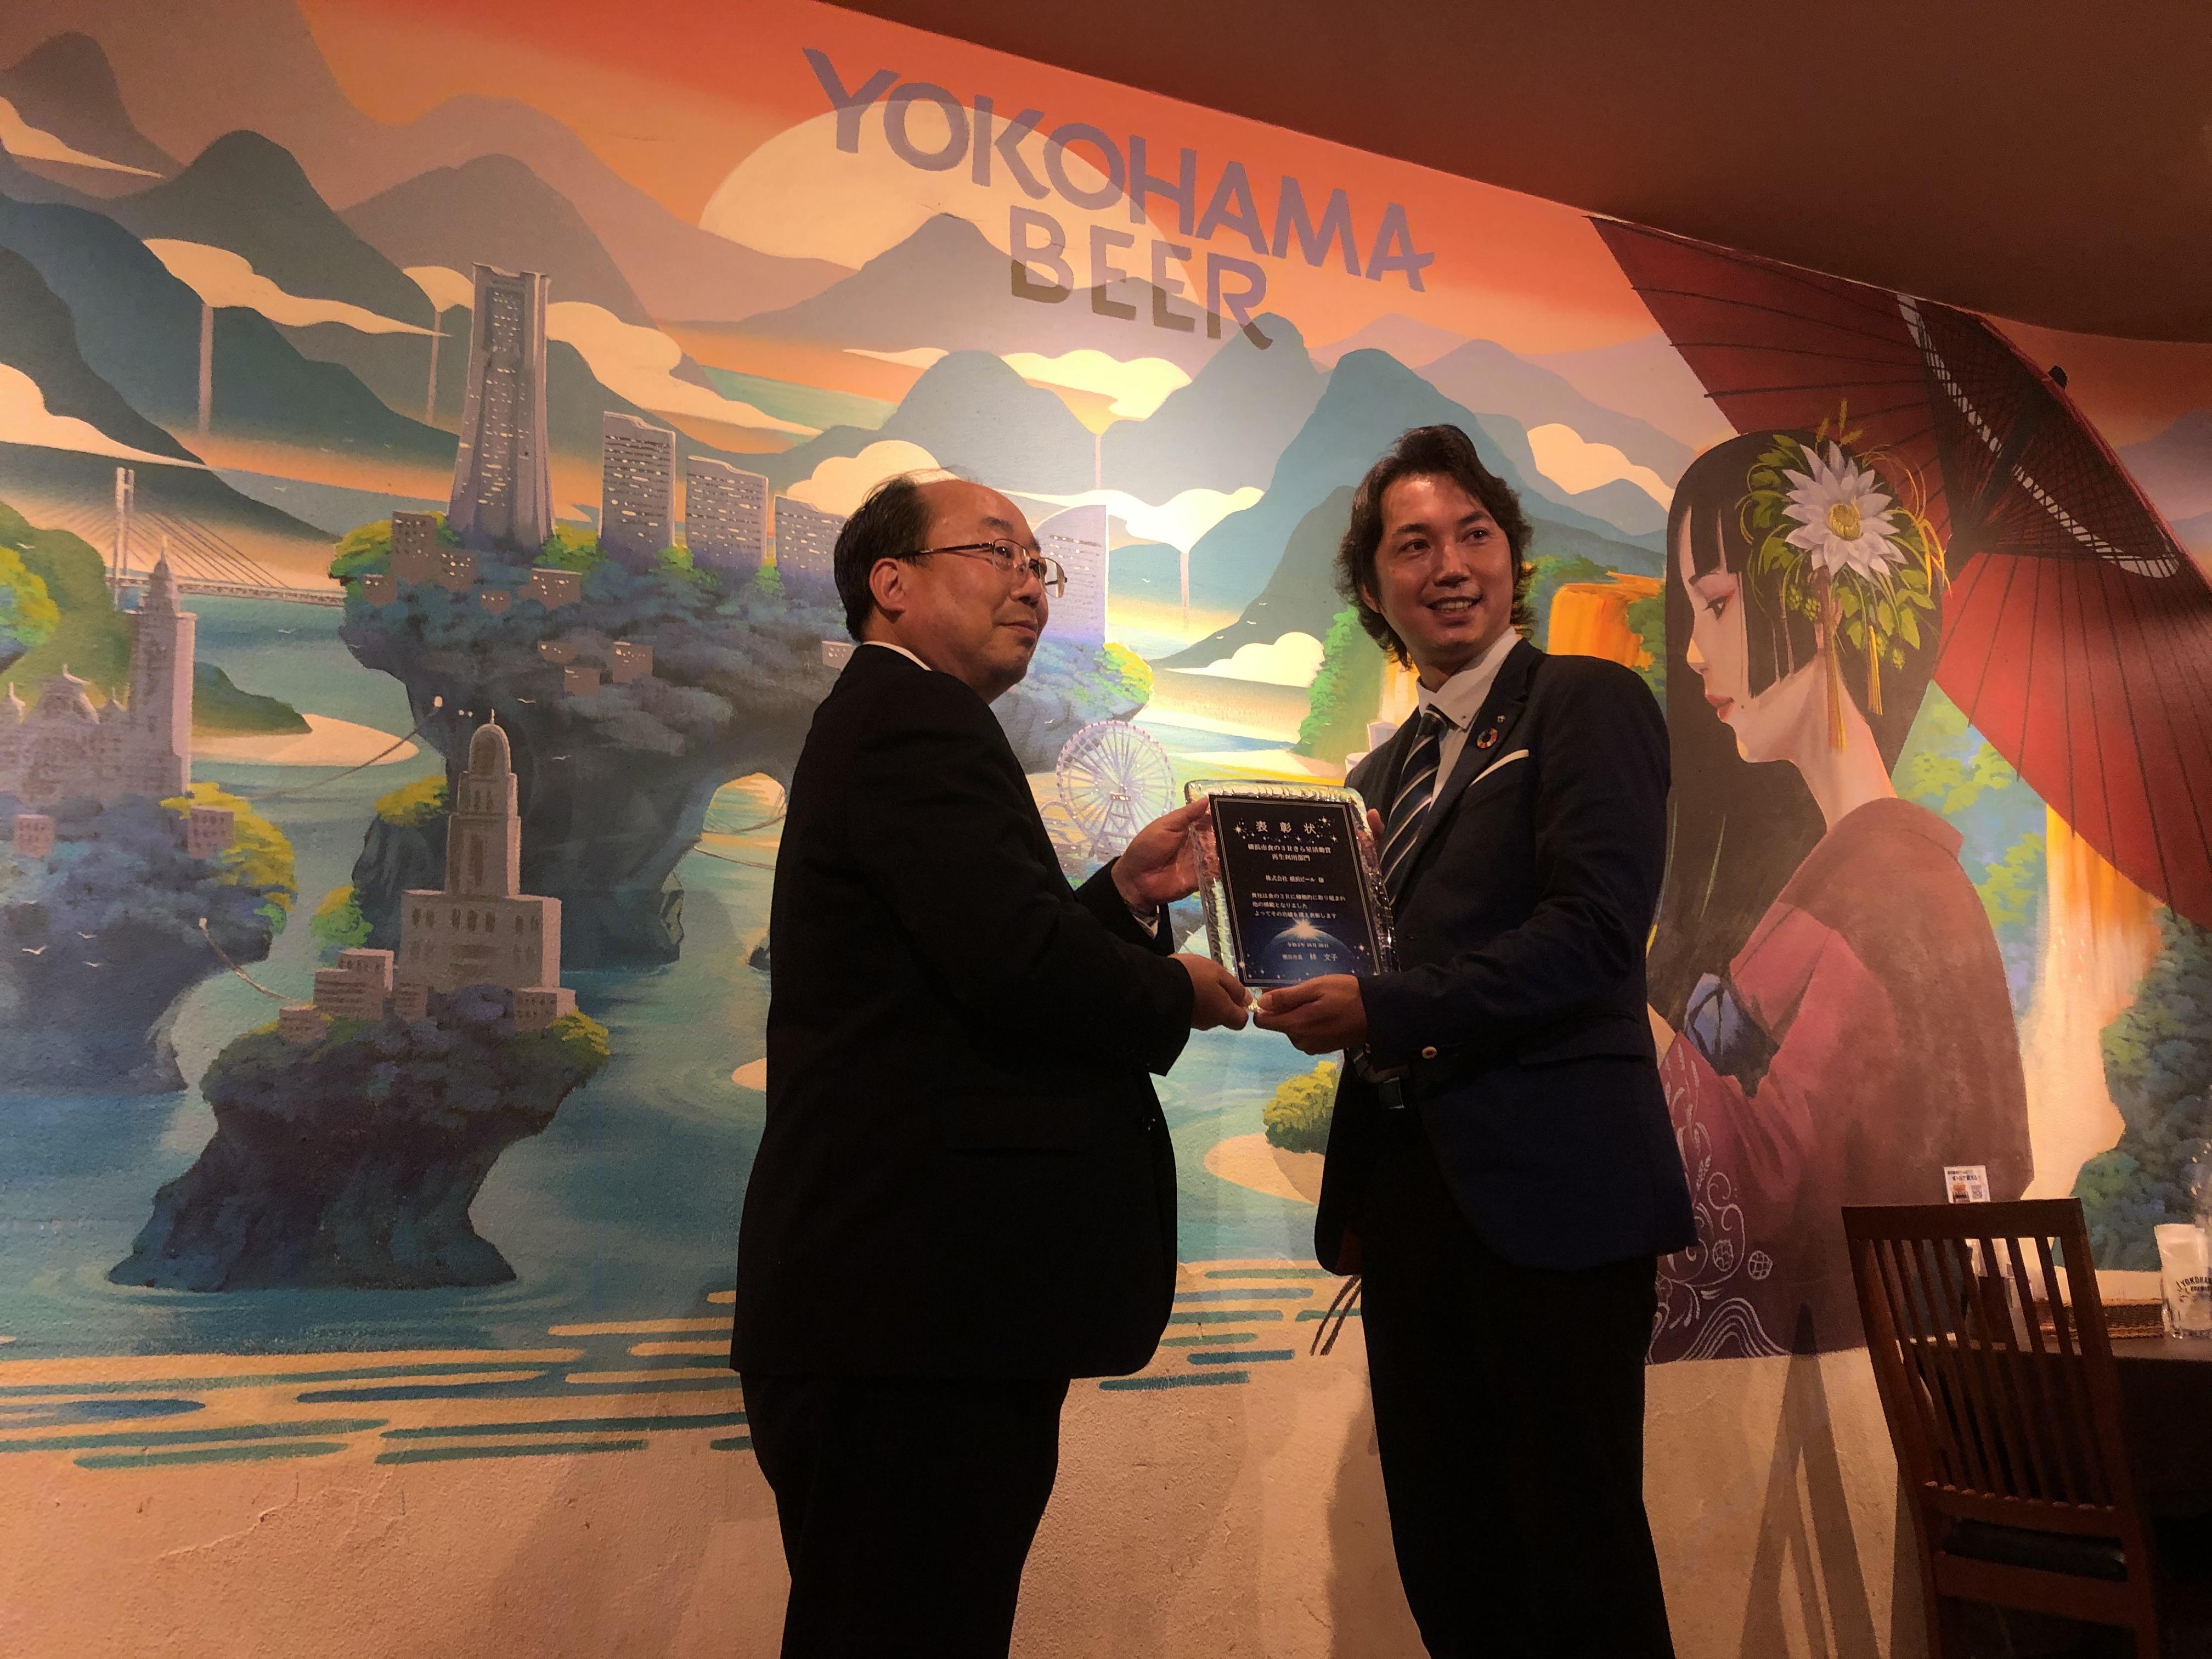 令和2年度「横浜市食の3Rきら星活動賞」受賞!食品廃棄物の発生抑制や再生利用、啓発等に貢献した企業を横浜市が表彰。横浜ビールは【再生利用部門】を受賞!